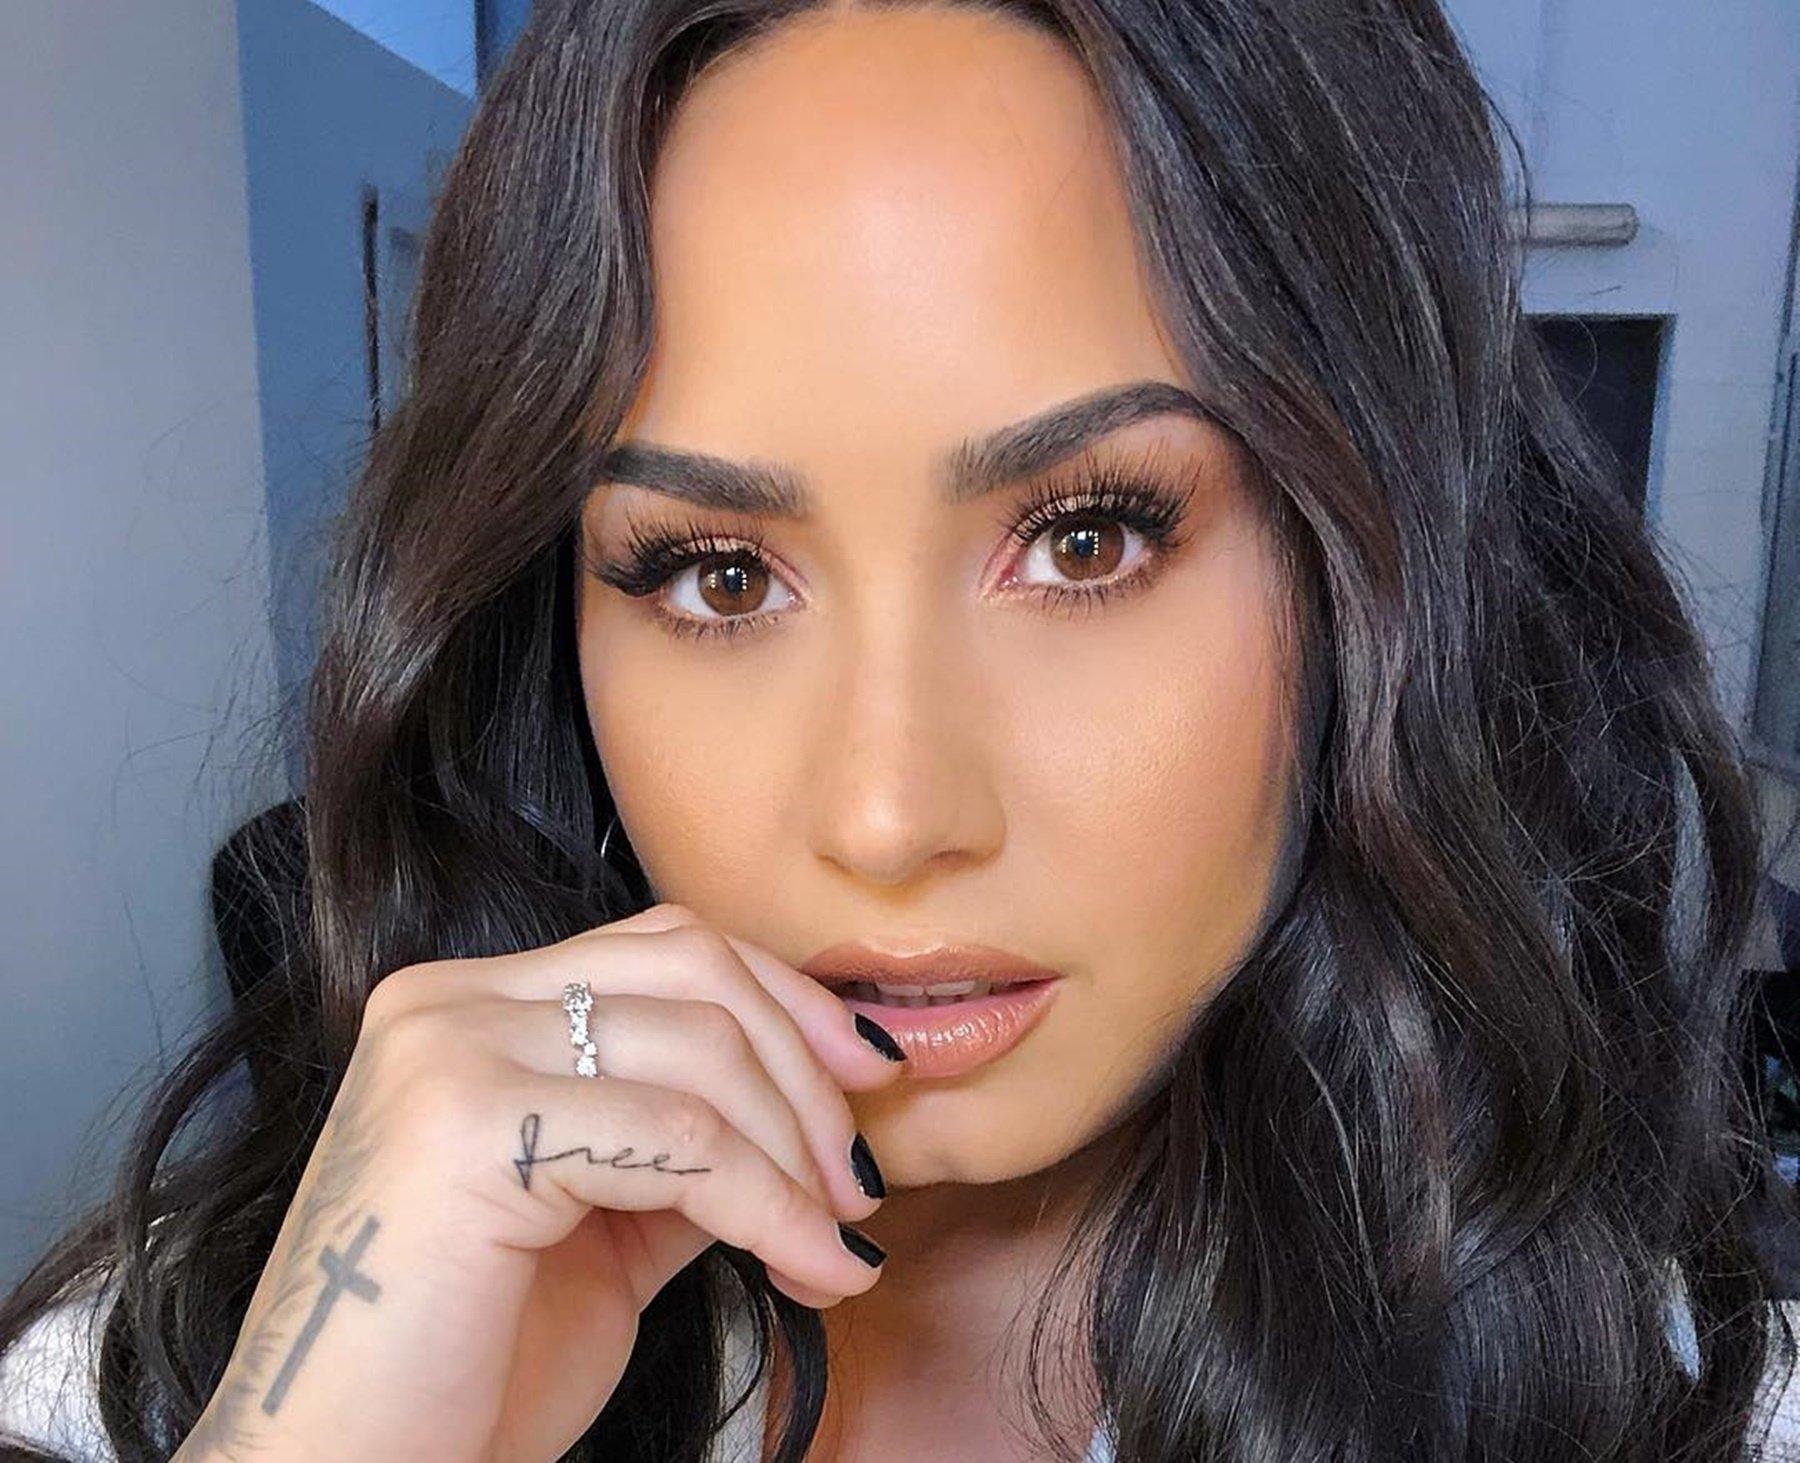 Demi Lovato Bora Bora Vacation Weight Clap-Back